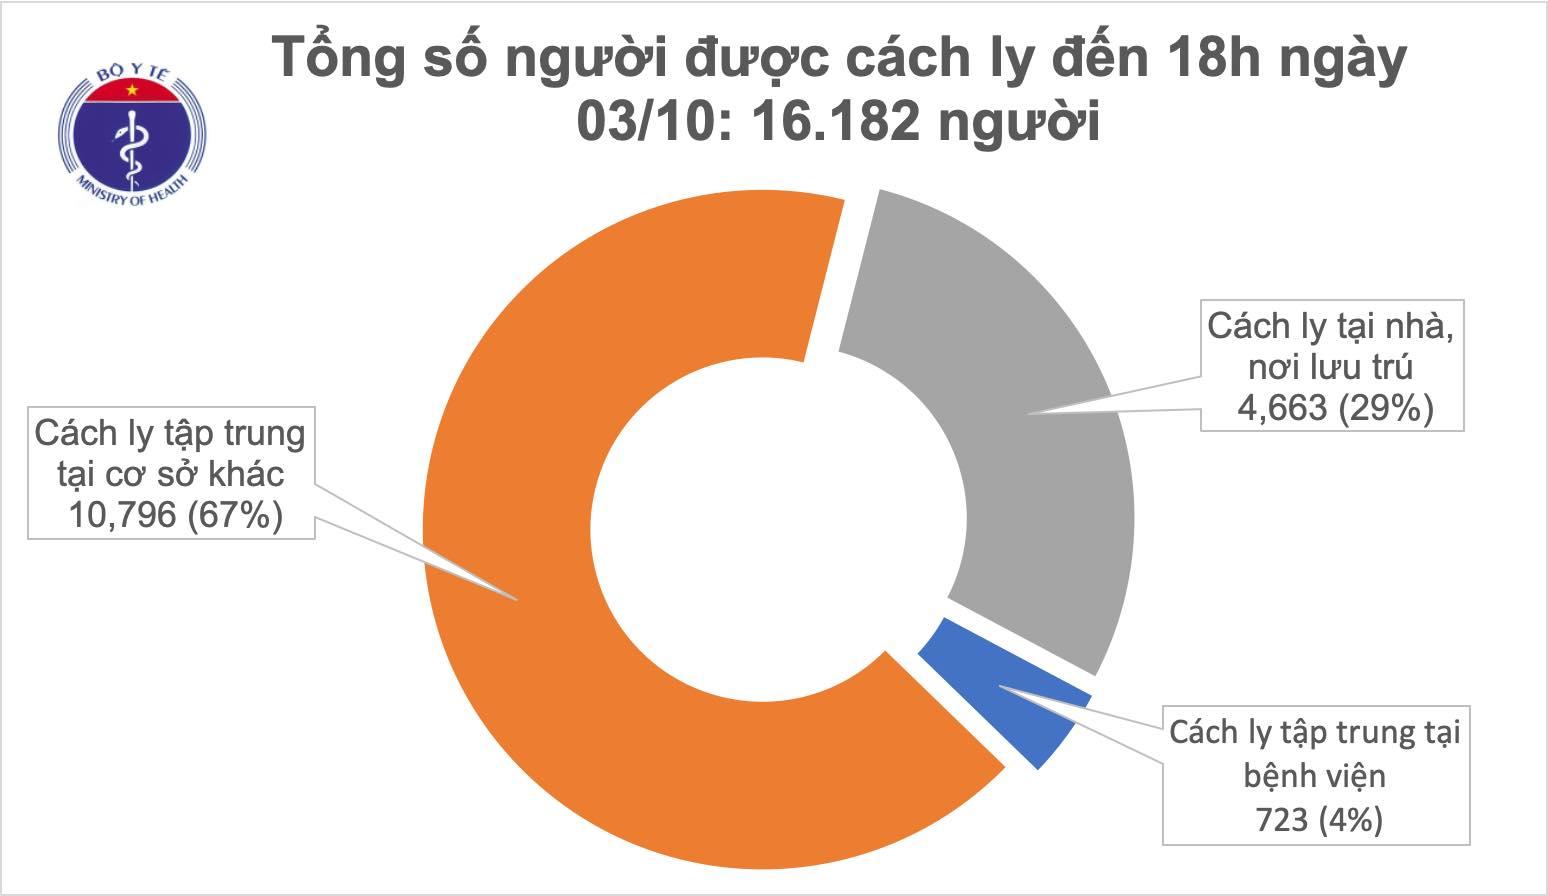 31 ngày không ghi nhận ca mắc mới COVID-19 ở cộng đồng, hơn 16.000 người cách ly chống dịch - Ảnh 1